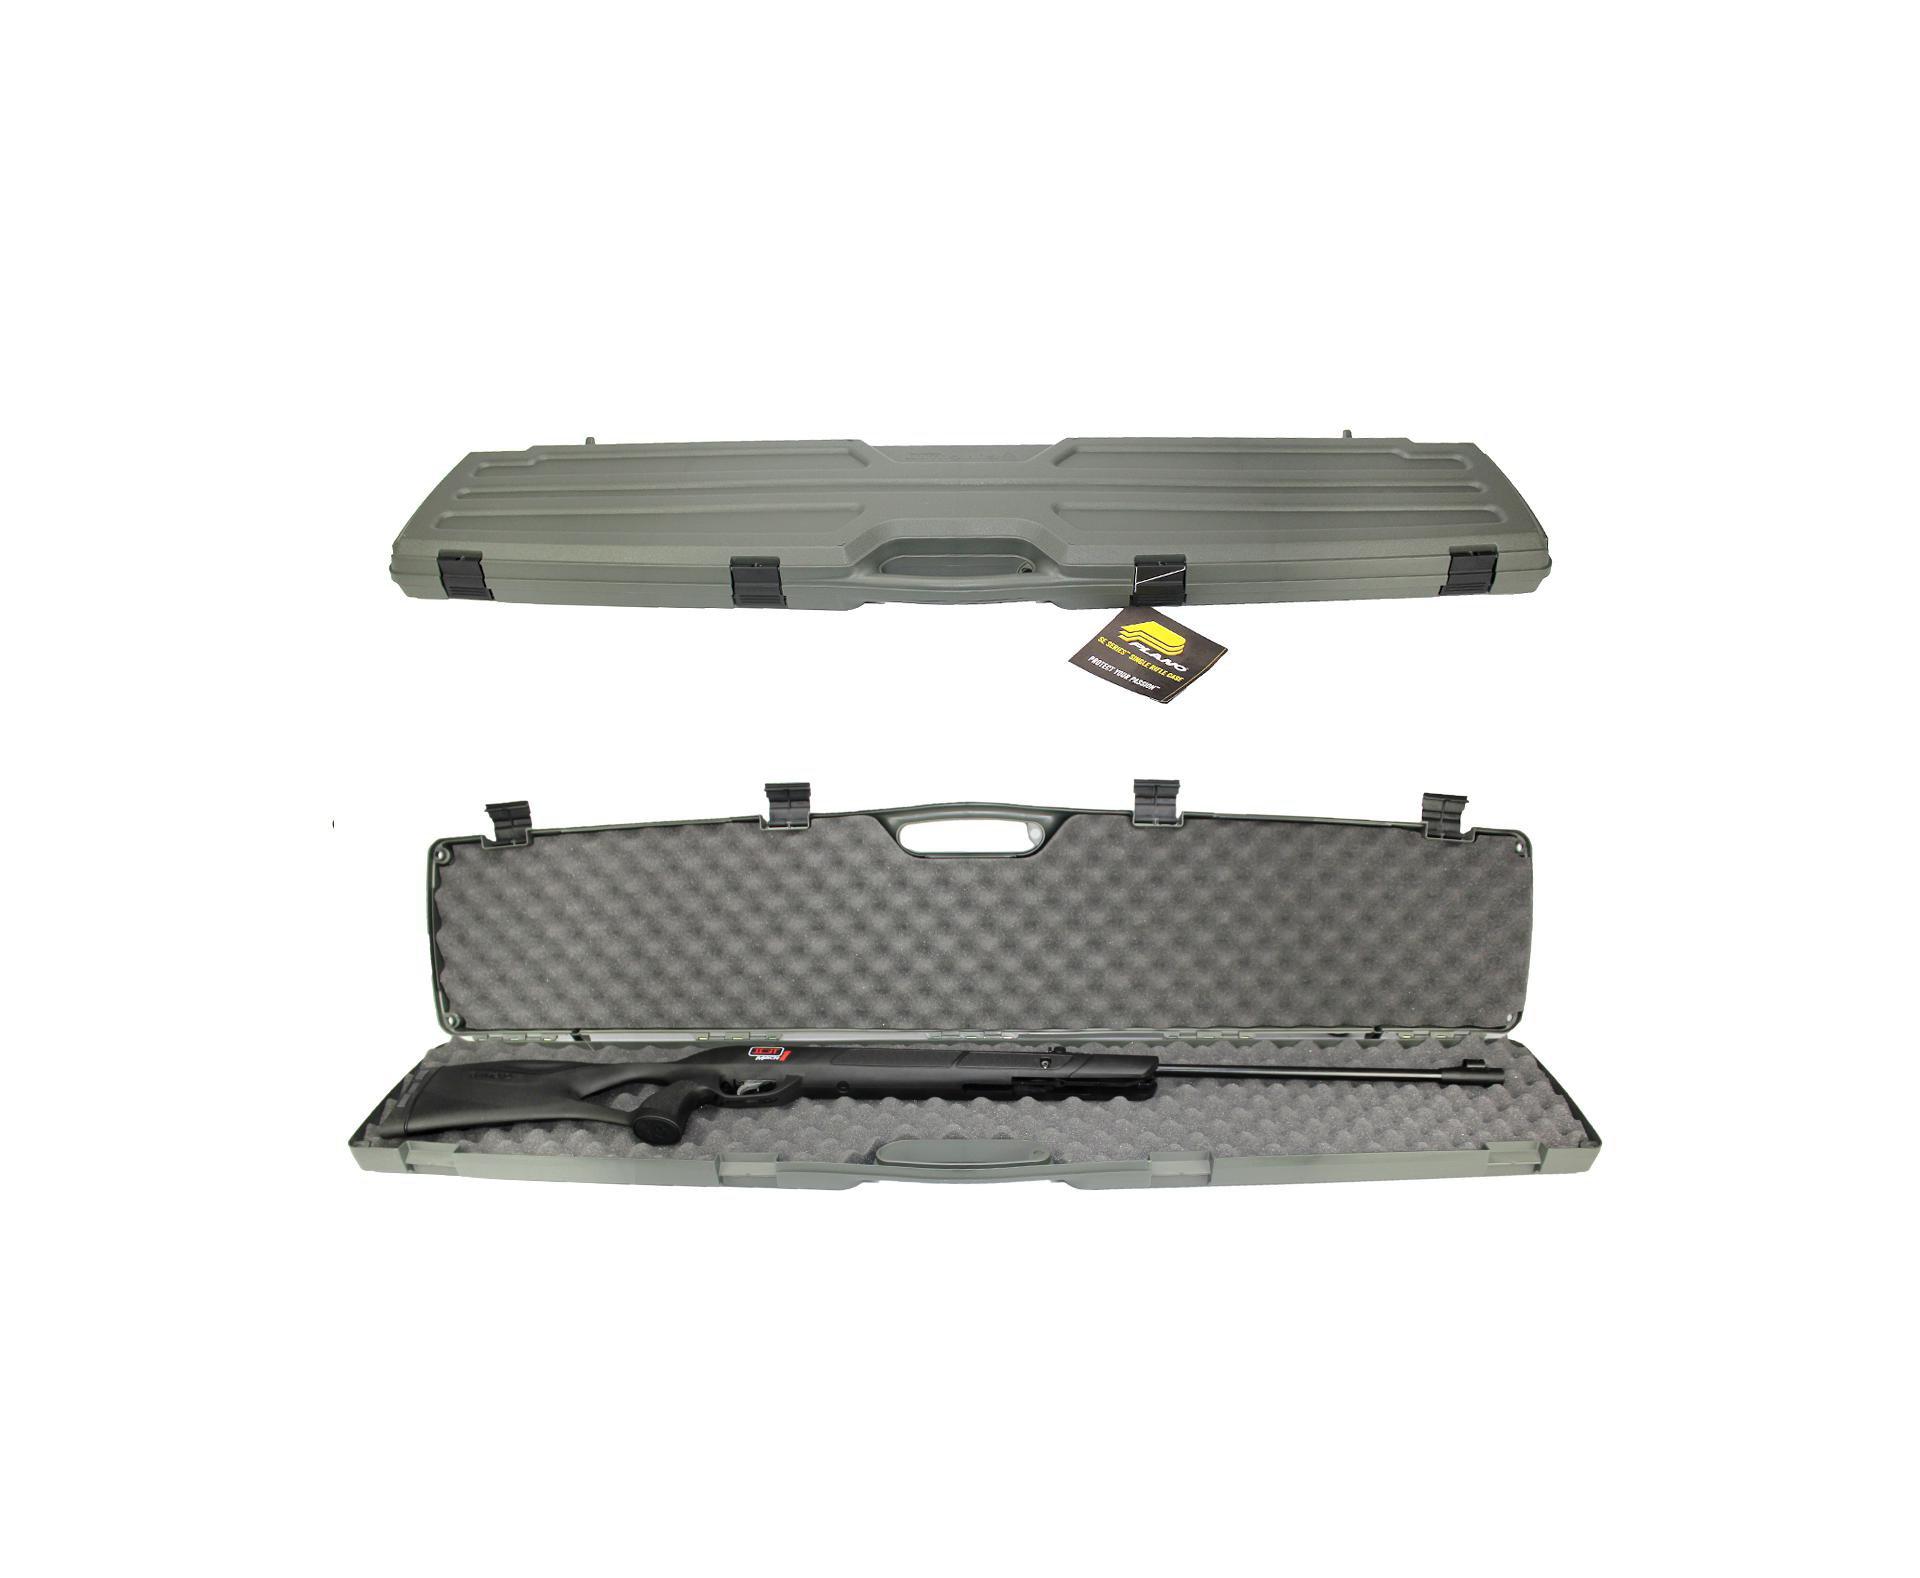 Caixa (case) Para Armas Longas - Gun Guard 10-10562 - Plano